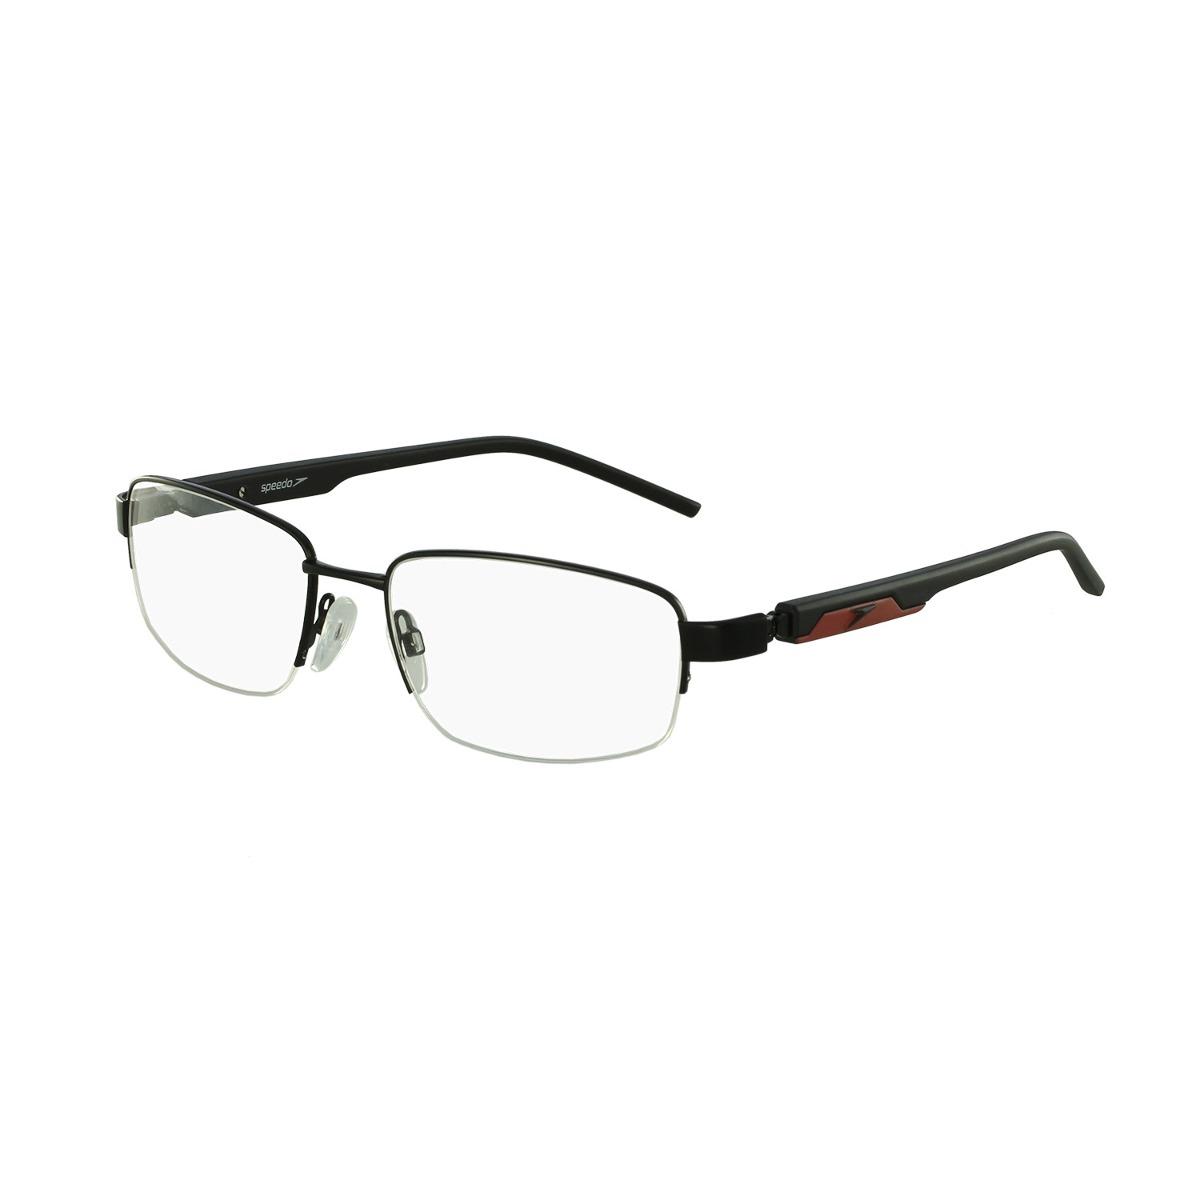 9b6c2ded1fd24 Óculos De Grau Speedo Esportivo Preto Asp2m03595 - R  387,00 em ...